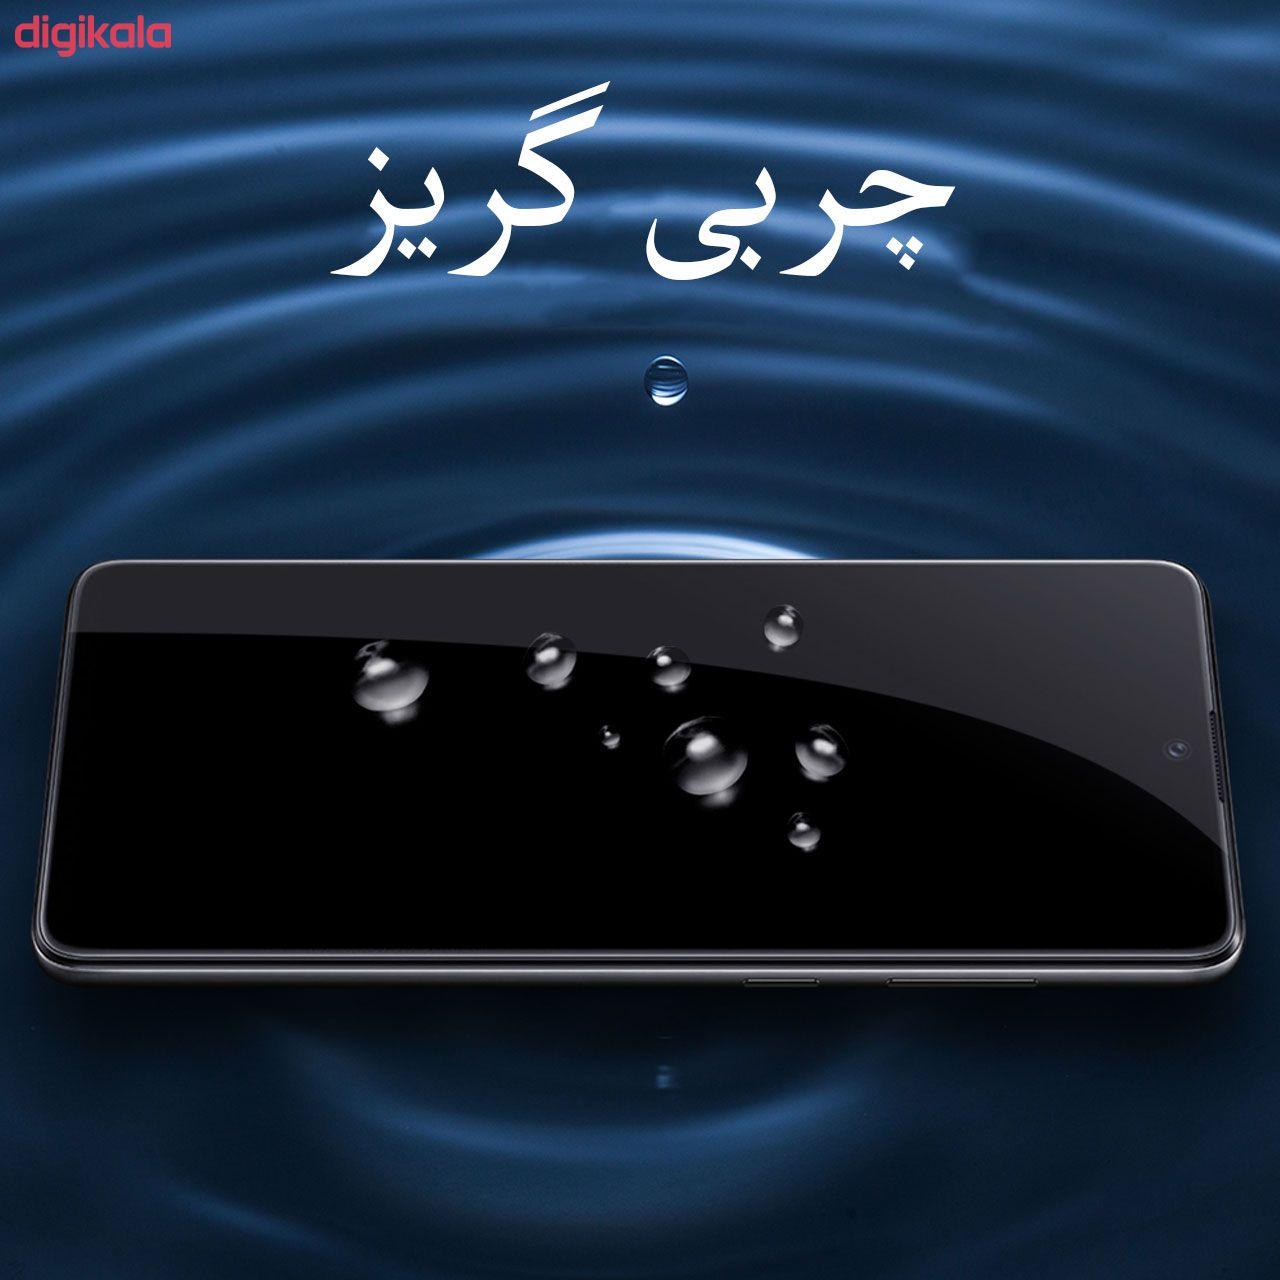 محافظ صفحه نمایش مدل FCG مناسب برای گوشی موبایل شیائومی Redmi Note 9 Pro بسته سه عددی main 1 1